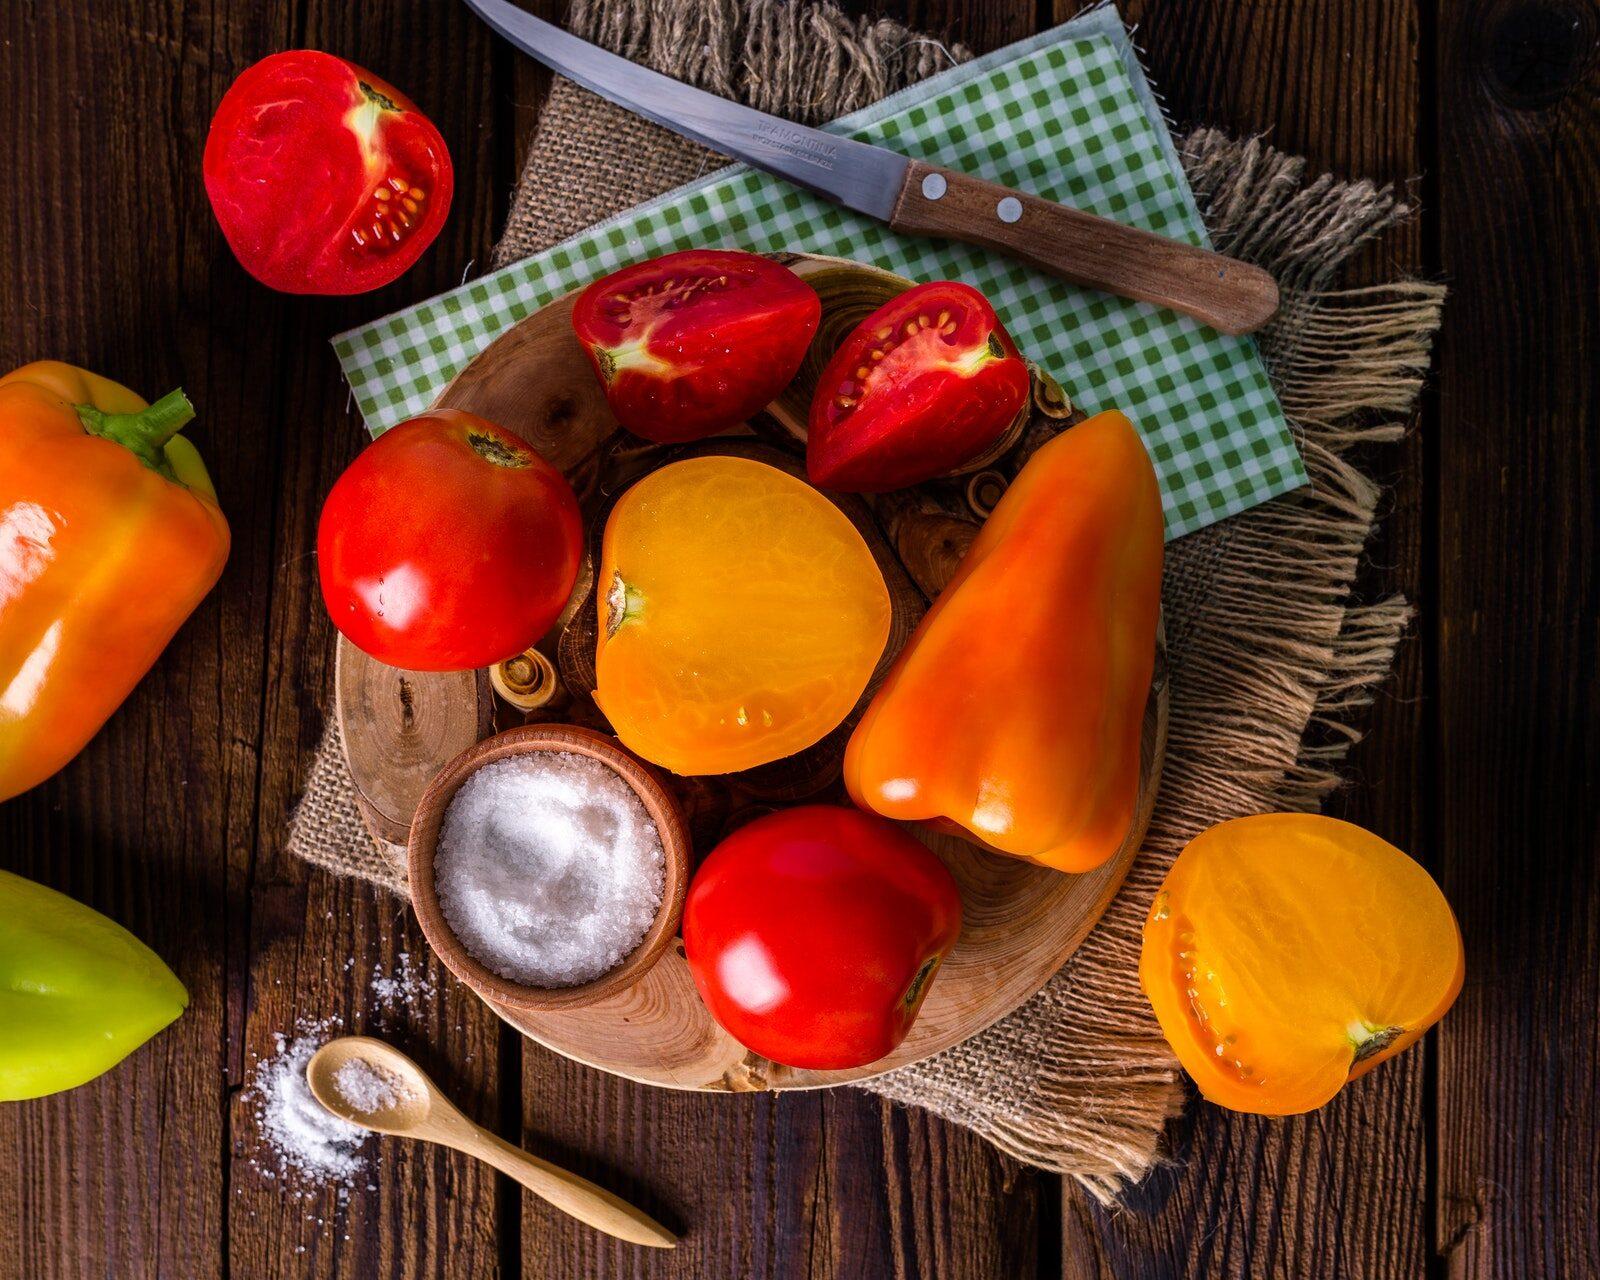 Gesunde Küche – Mein Gemüse baue ich selber an